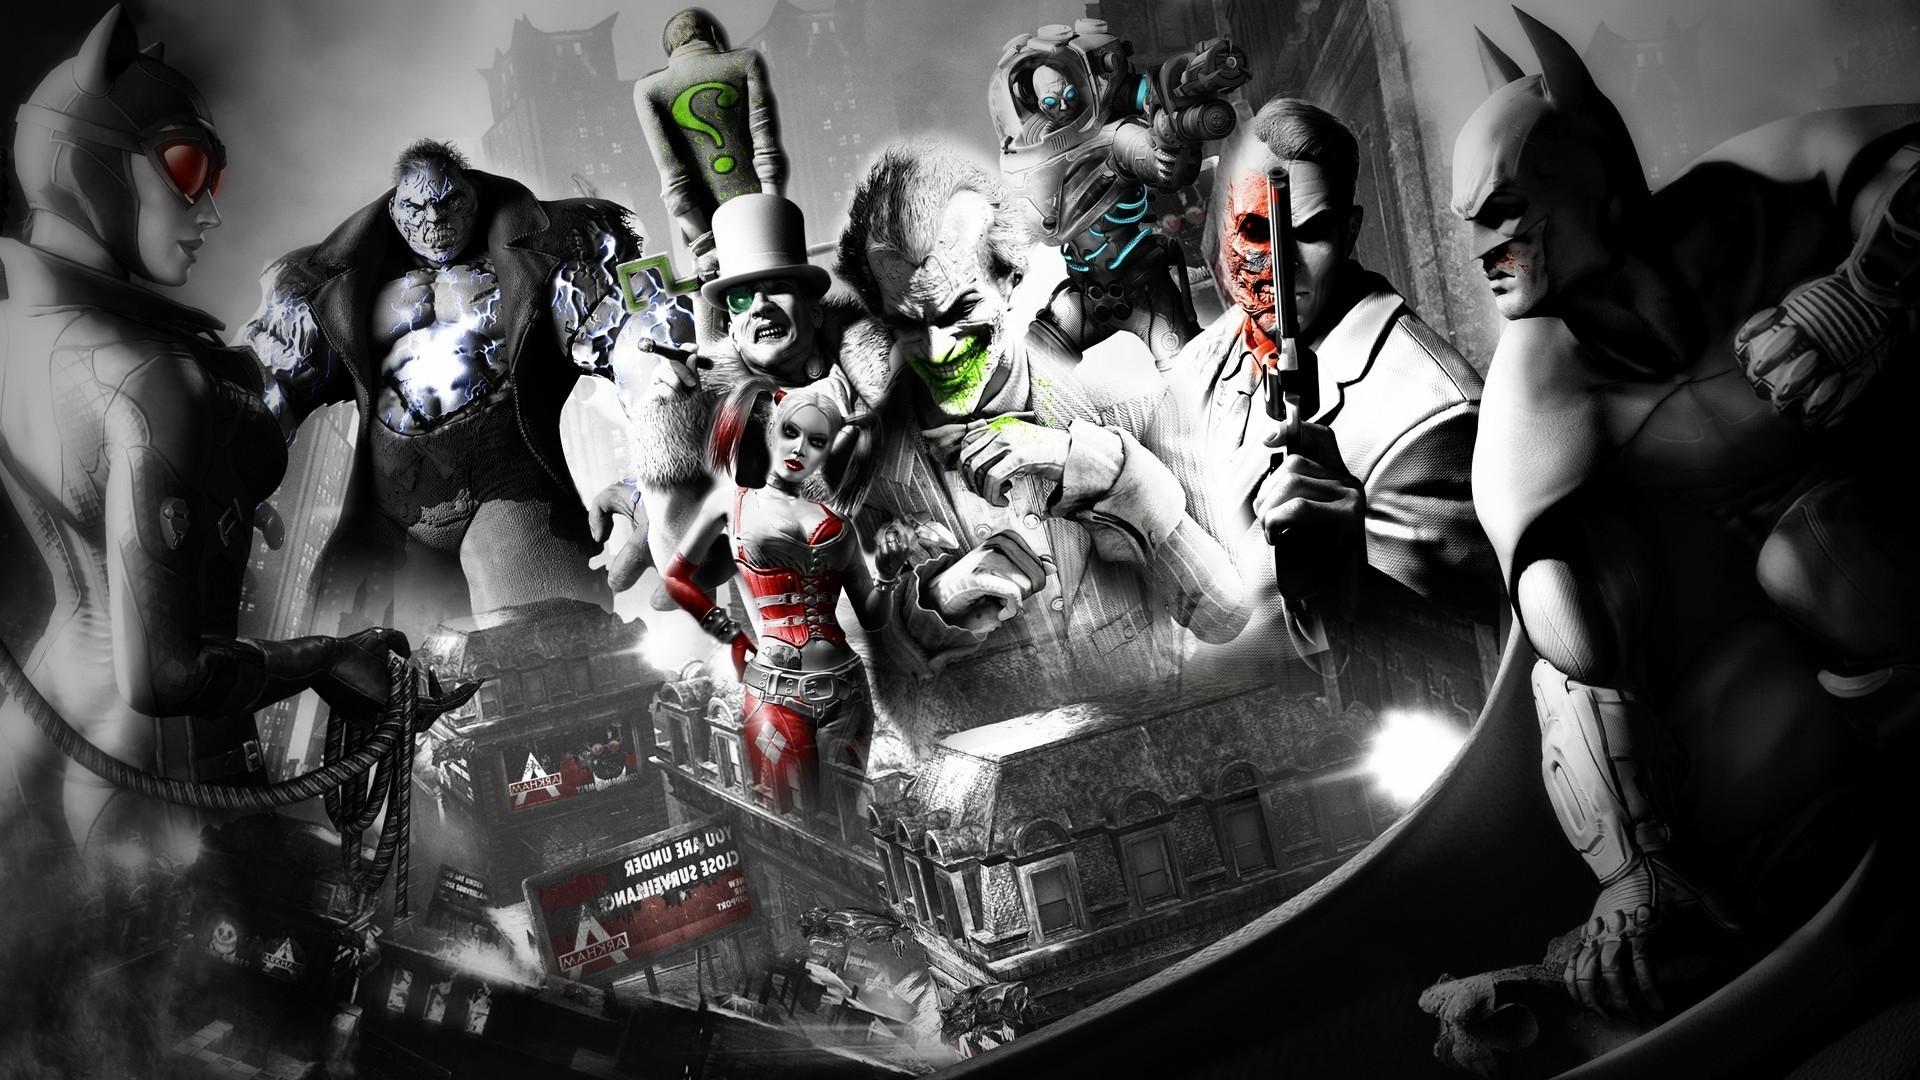 Batman, Joker, Video Games, Batman: Arkham City, Rocksteady Studios, Robin  (character), Catwoman, Mr. Freeze, The Riddler, Two Face Wallpapers HD /  Desktop …